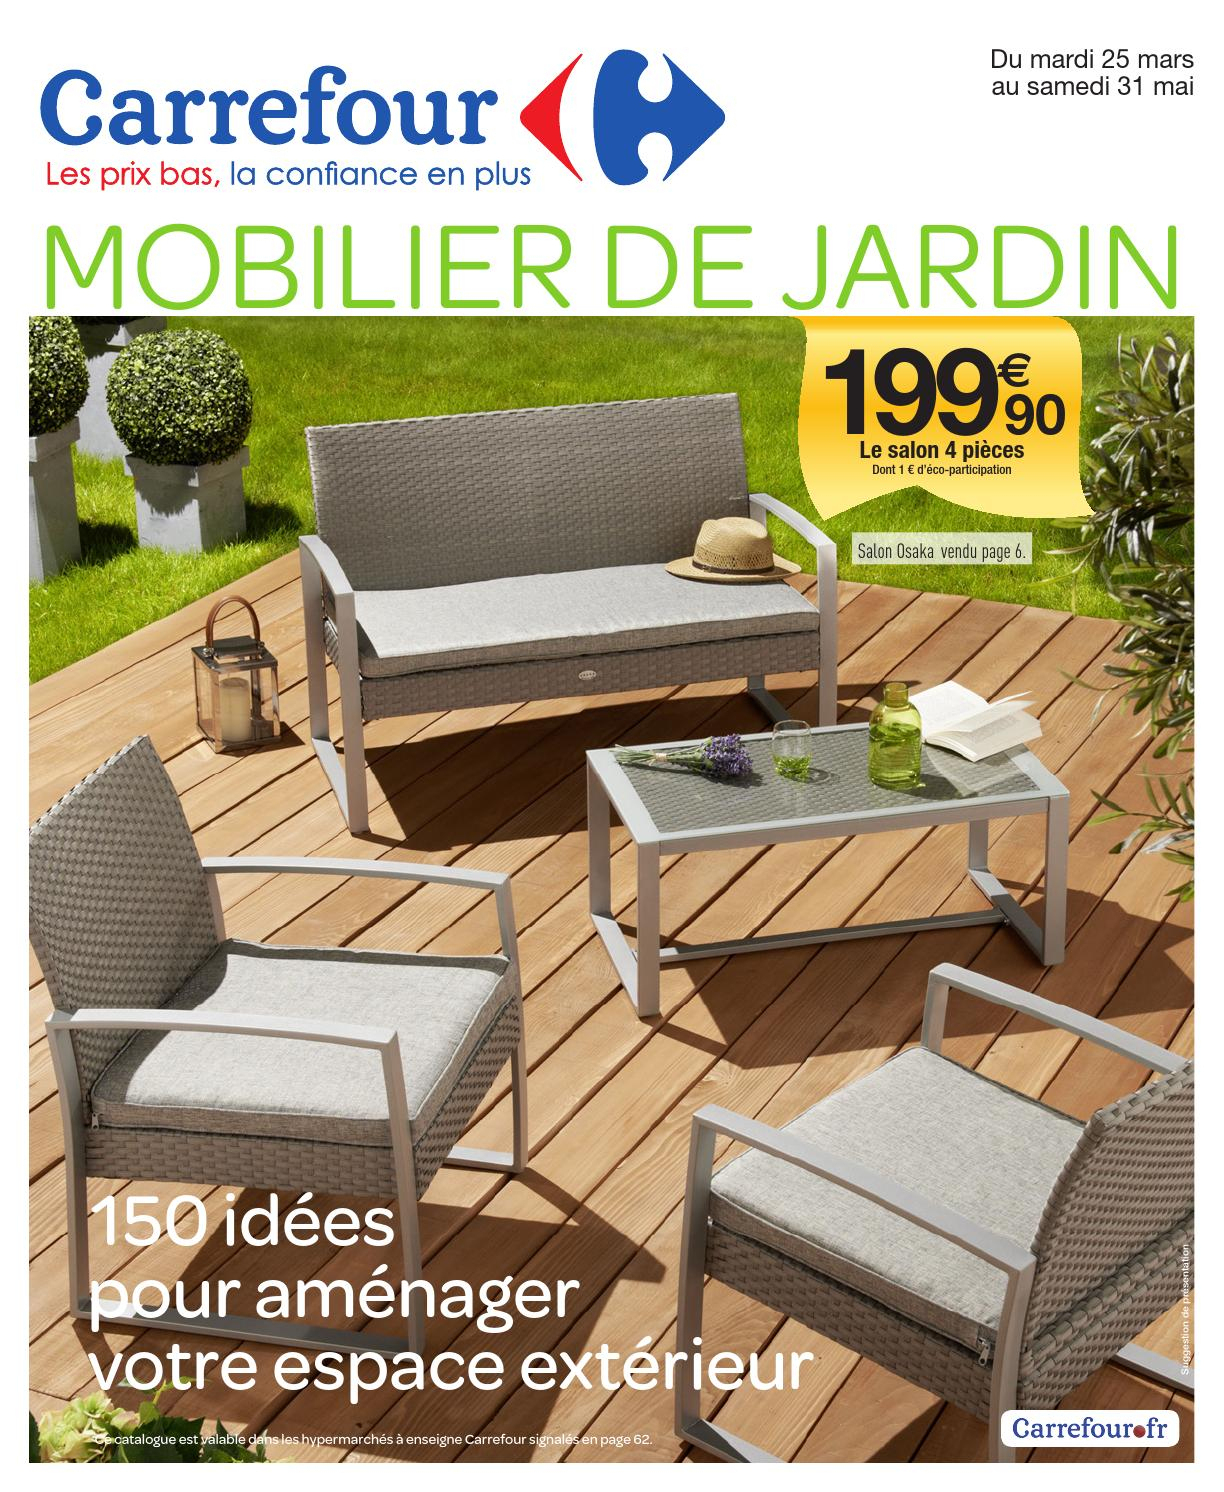 Transat Jardin Carrefour - Canalcncarauca pour Balancelle De Jardin Carrefour